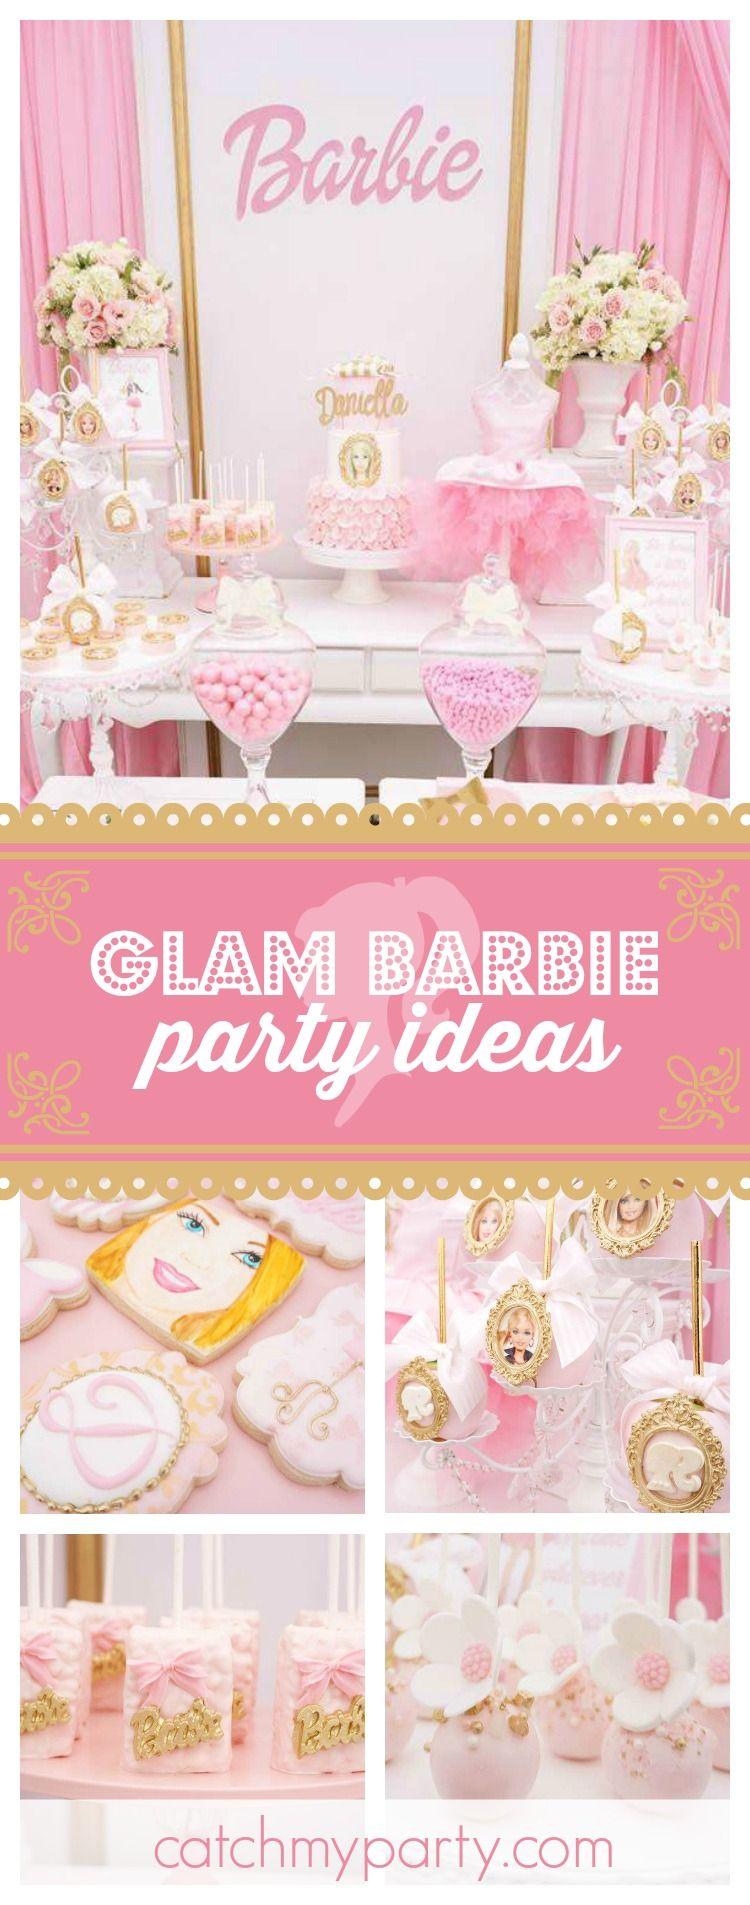 10 best ideas about cuisine barbie on pinterest cuisine playmobil barbie jeux and barbie jouet